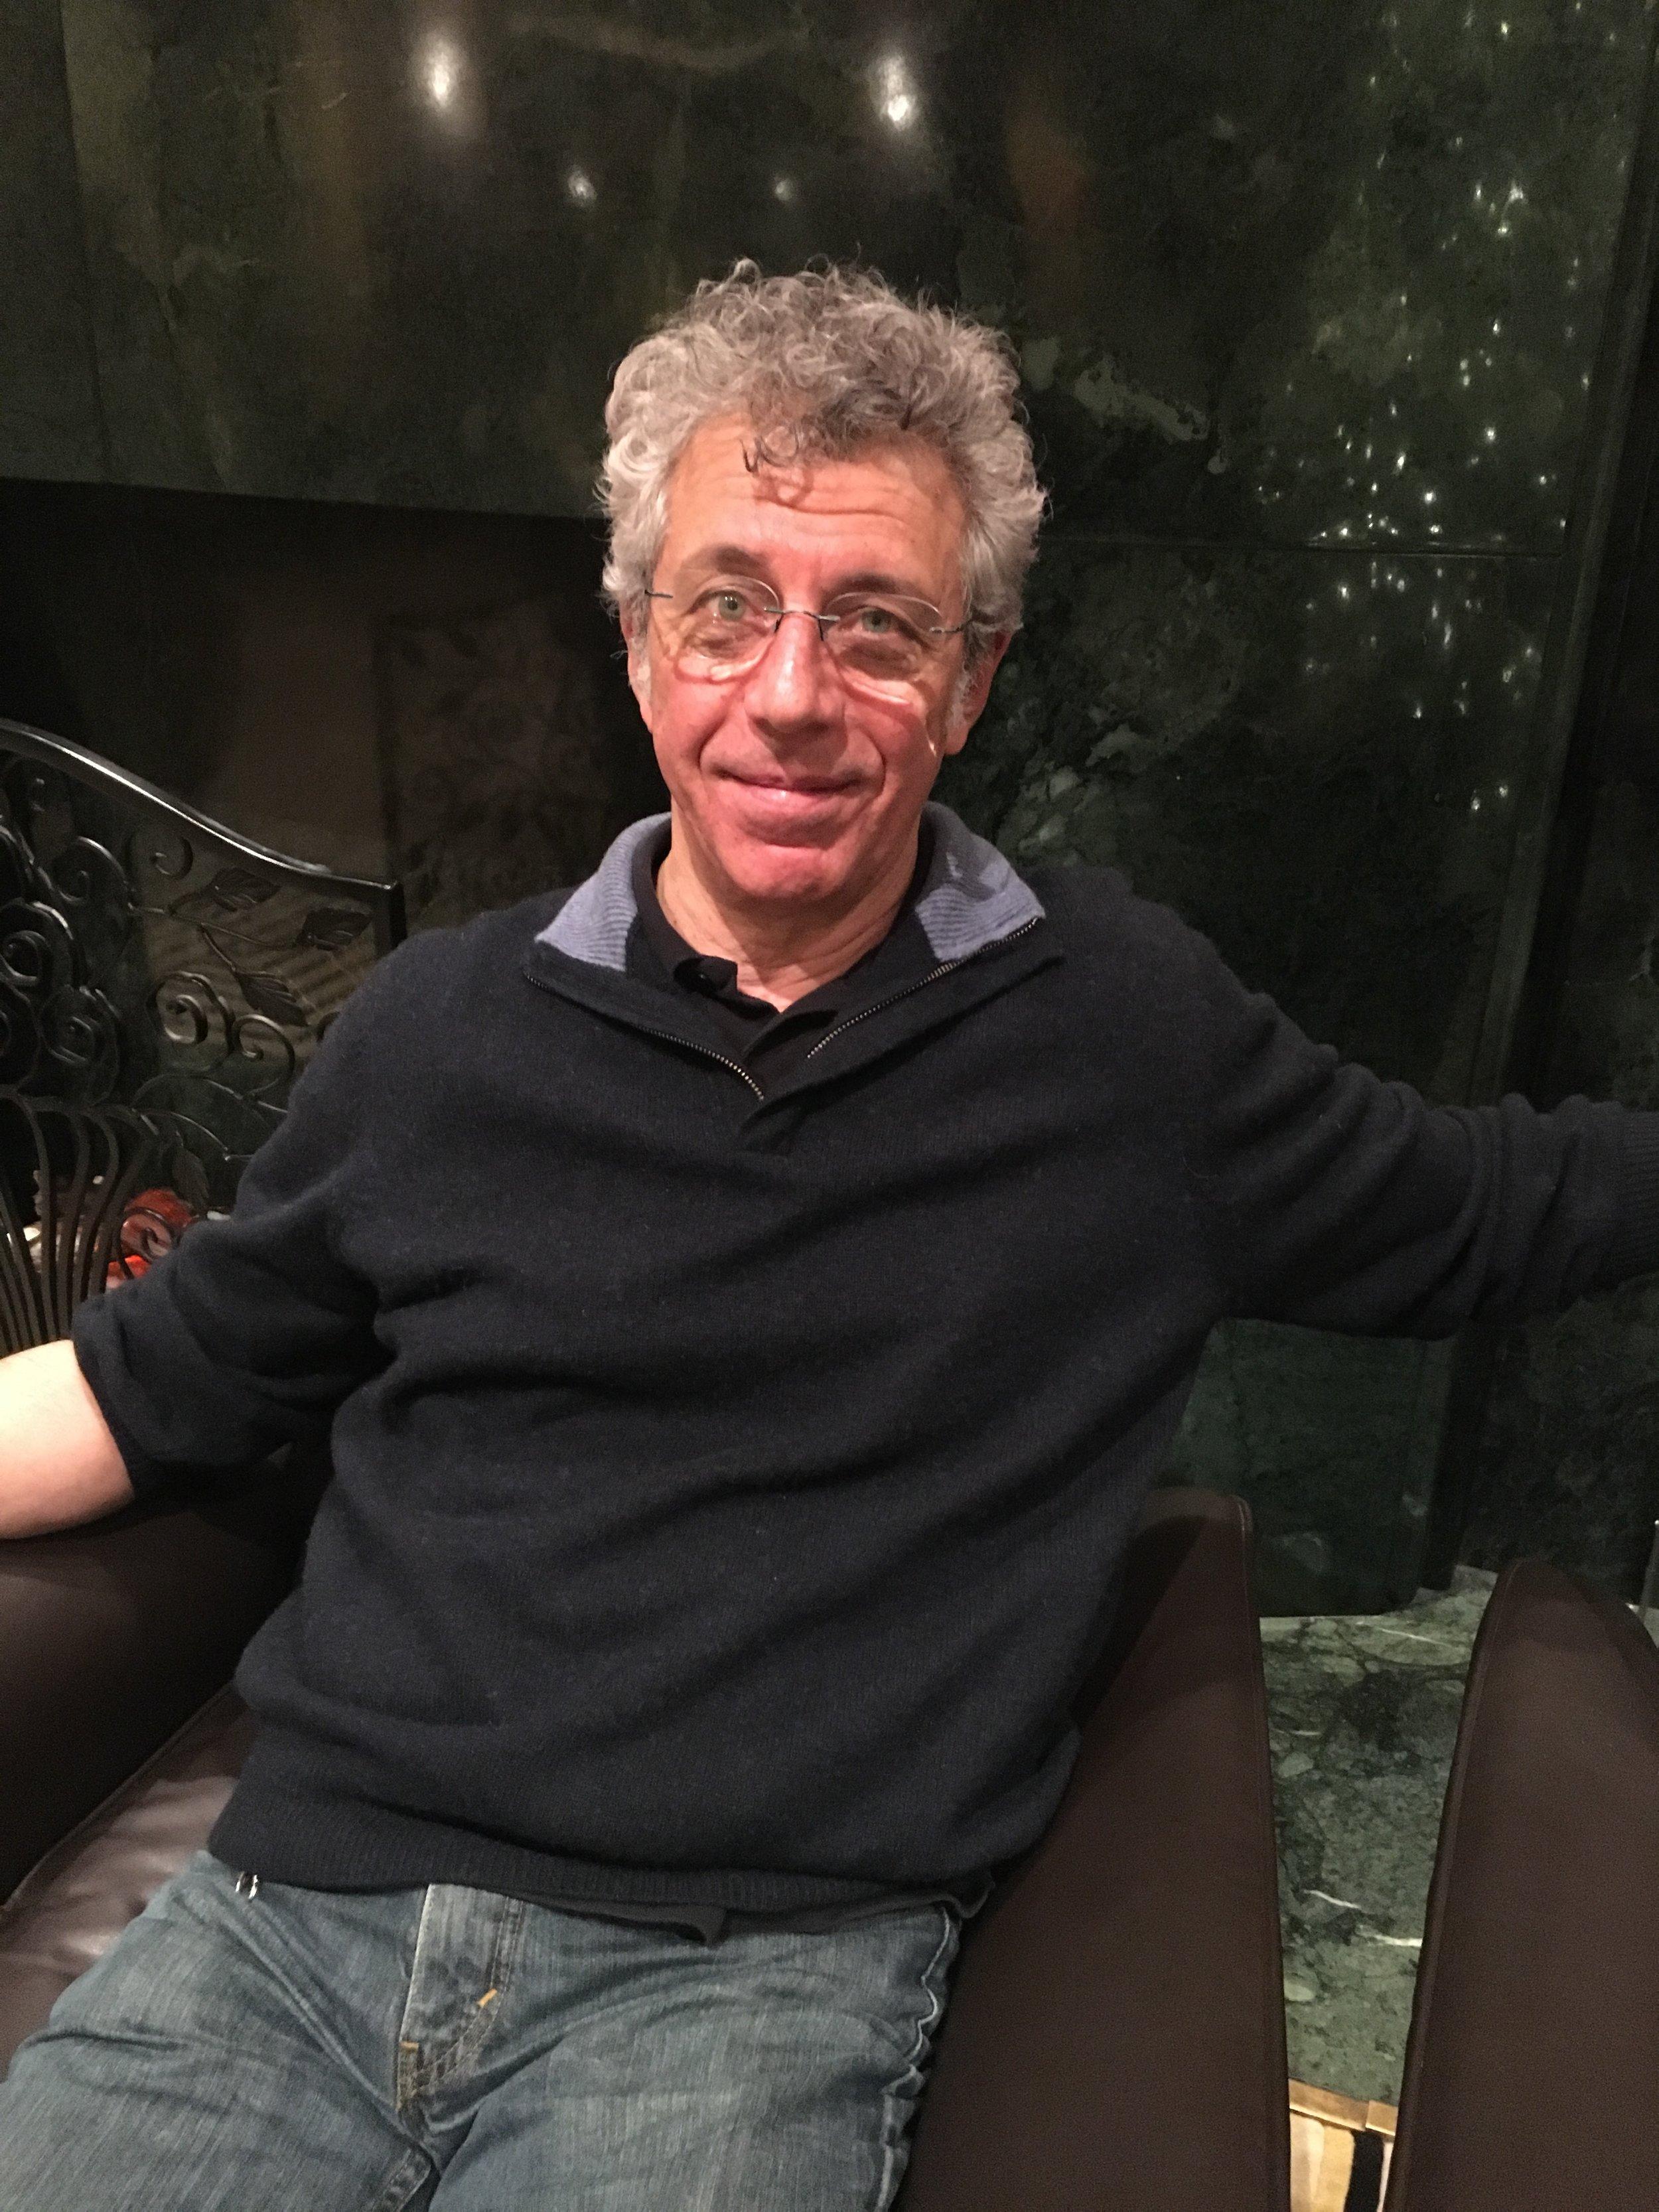 Eric Bogosian at Sofitel.JPG